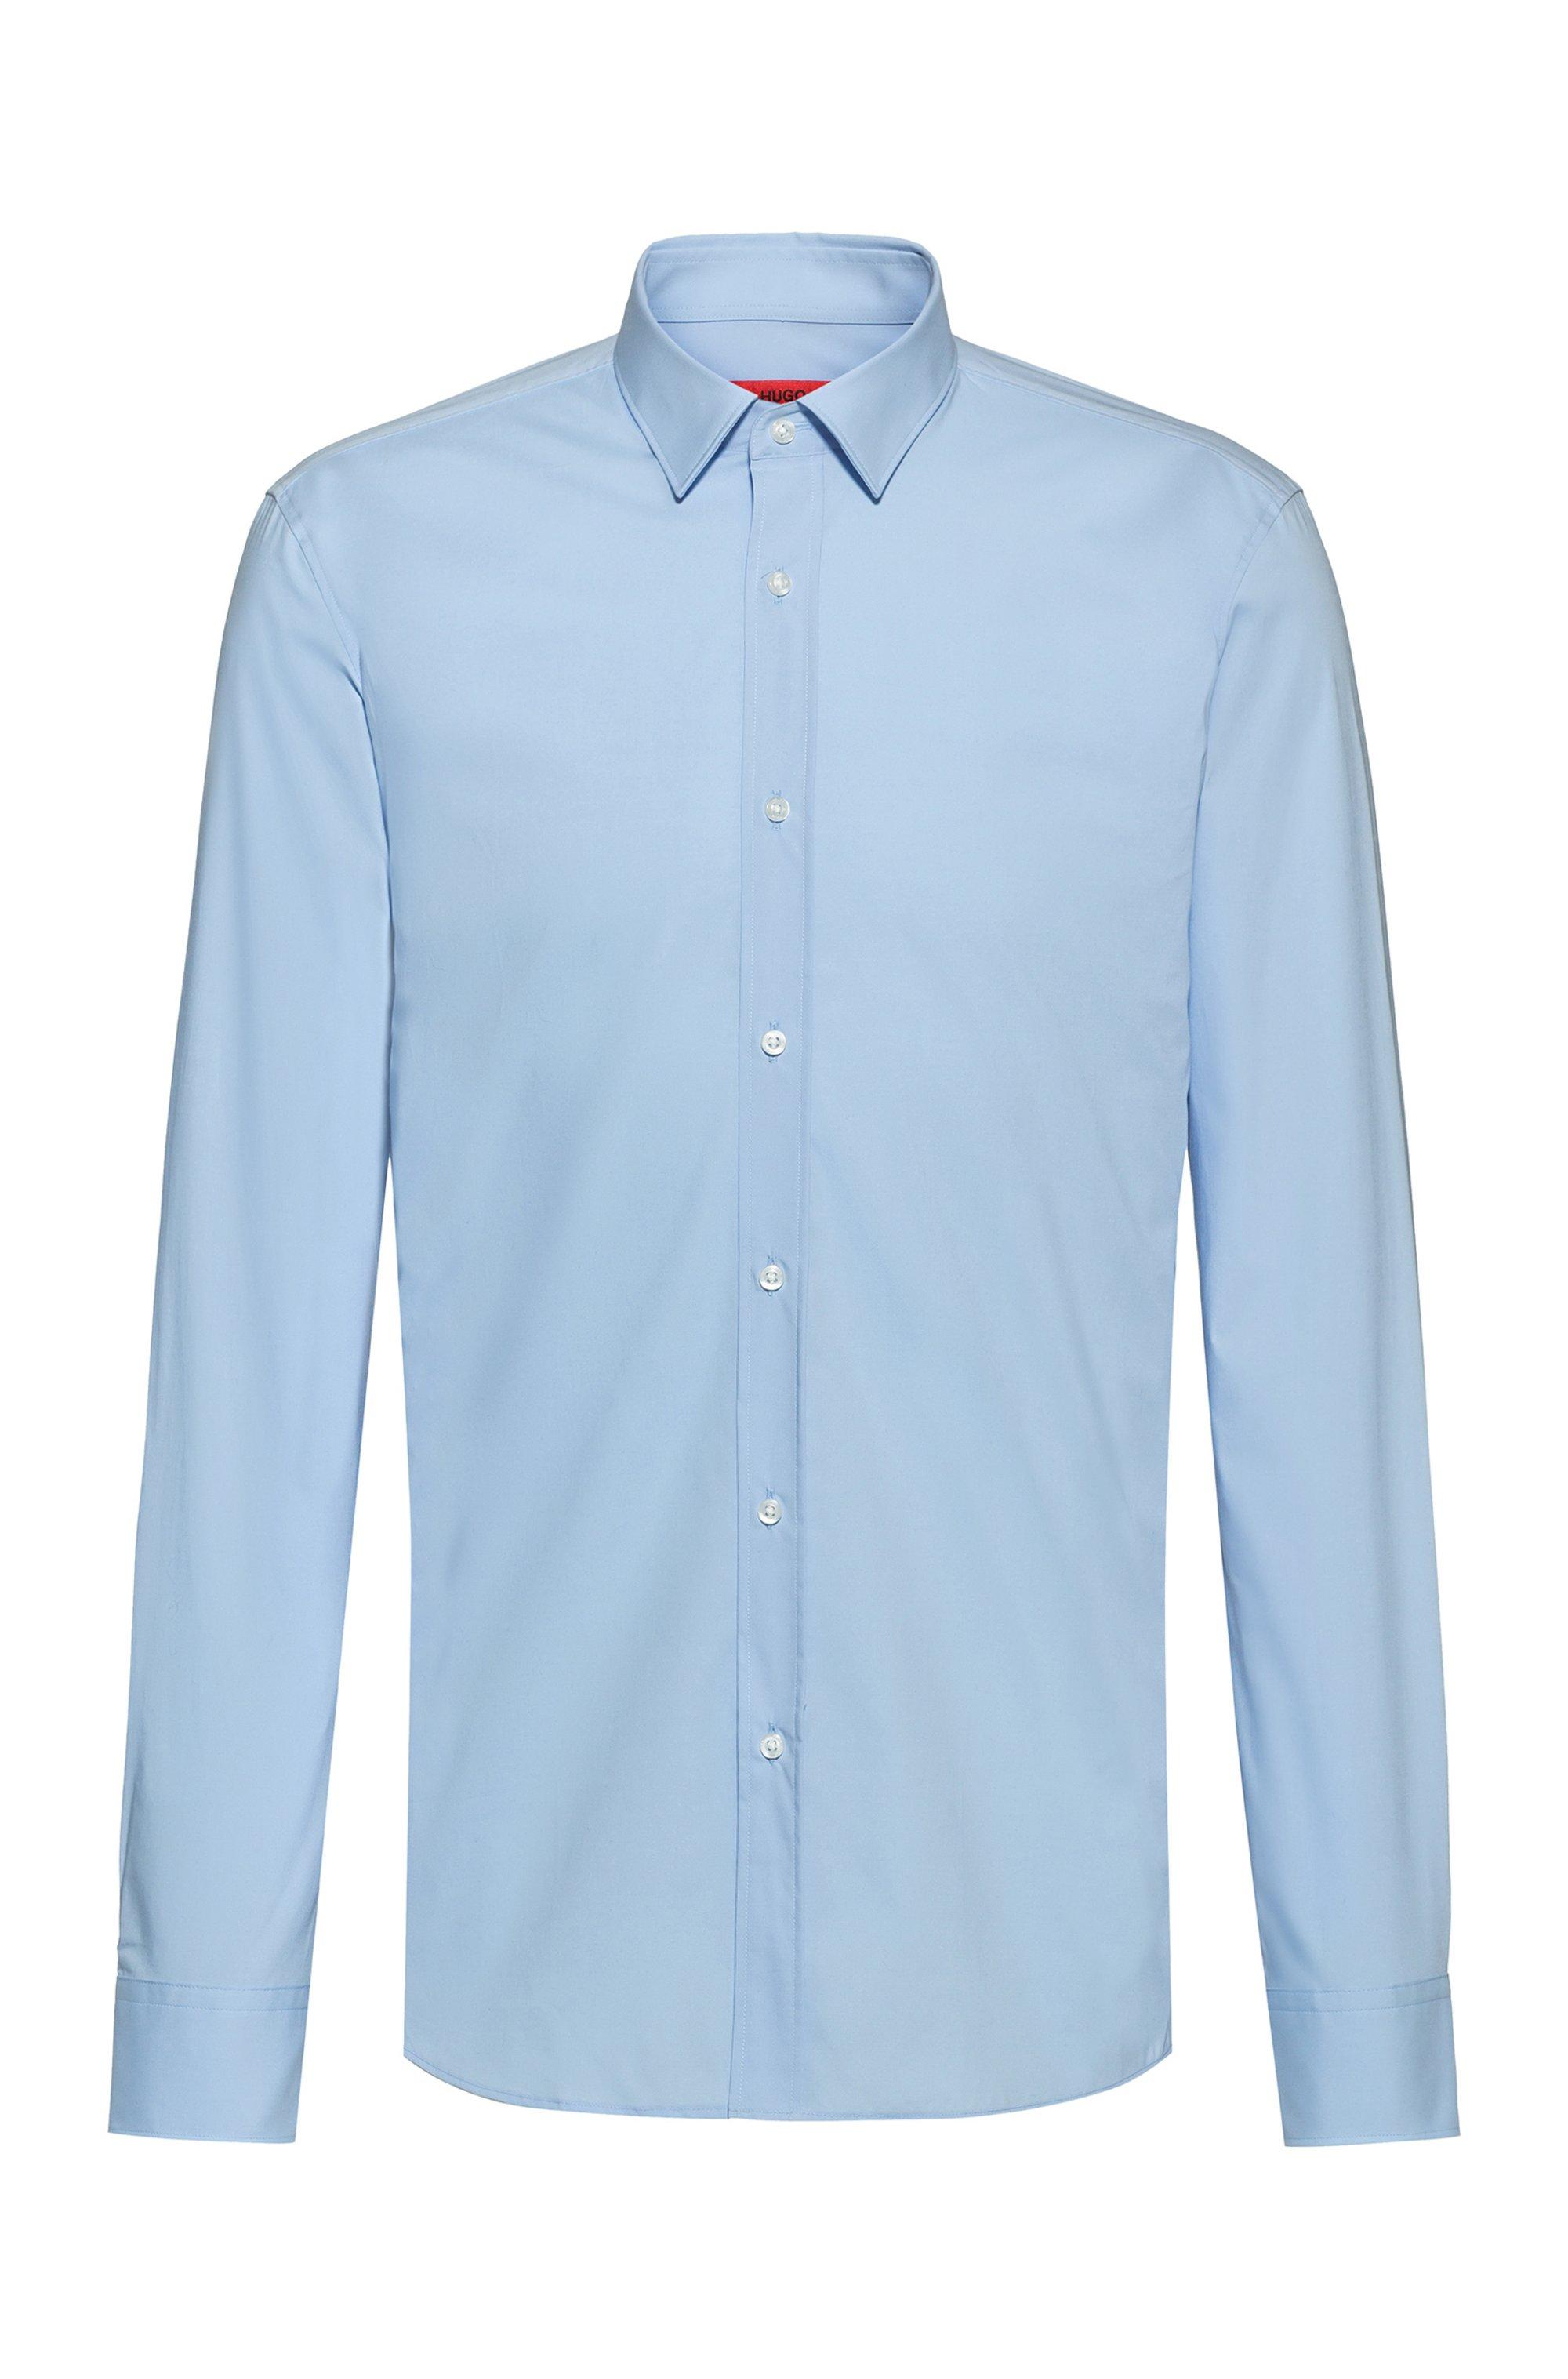 Extra Slim-Fit Hemd aus elastischem Baumwoll-Canvas mit bügelleichtem Finish, Hellblau